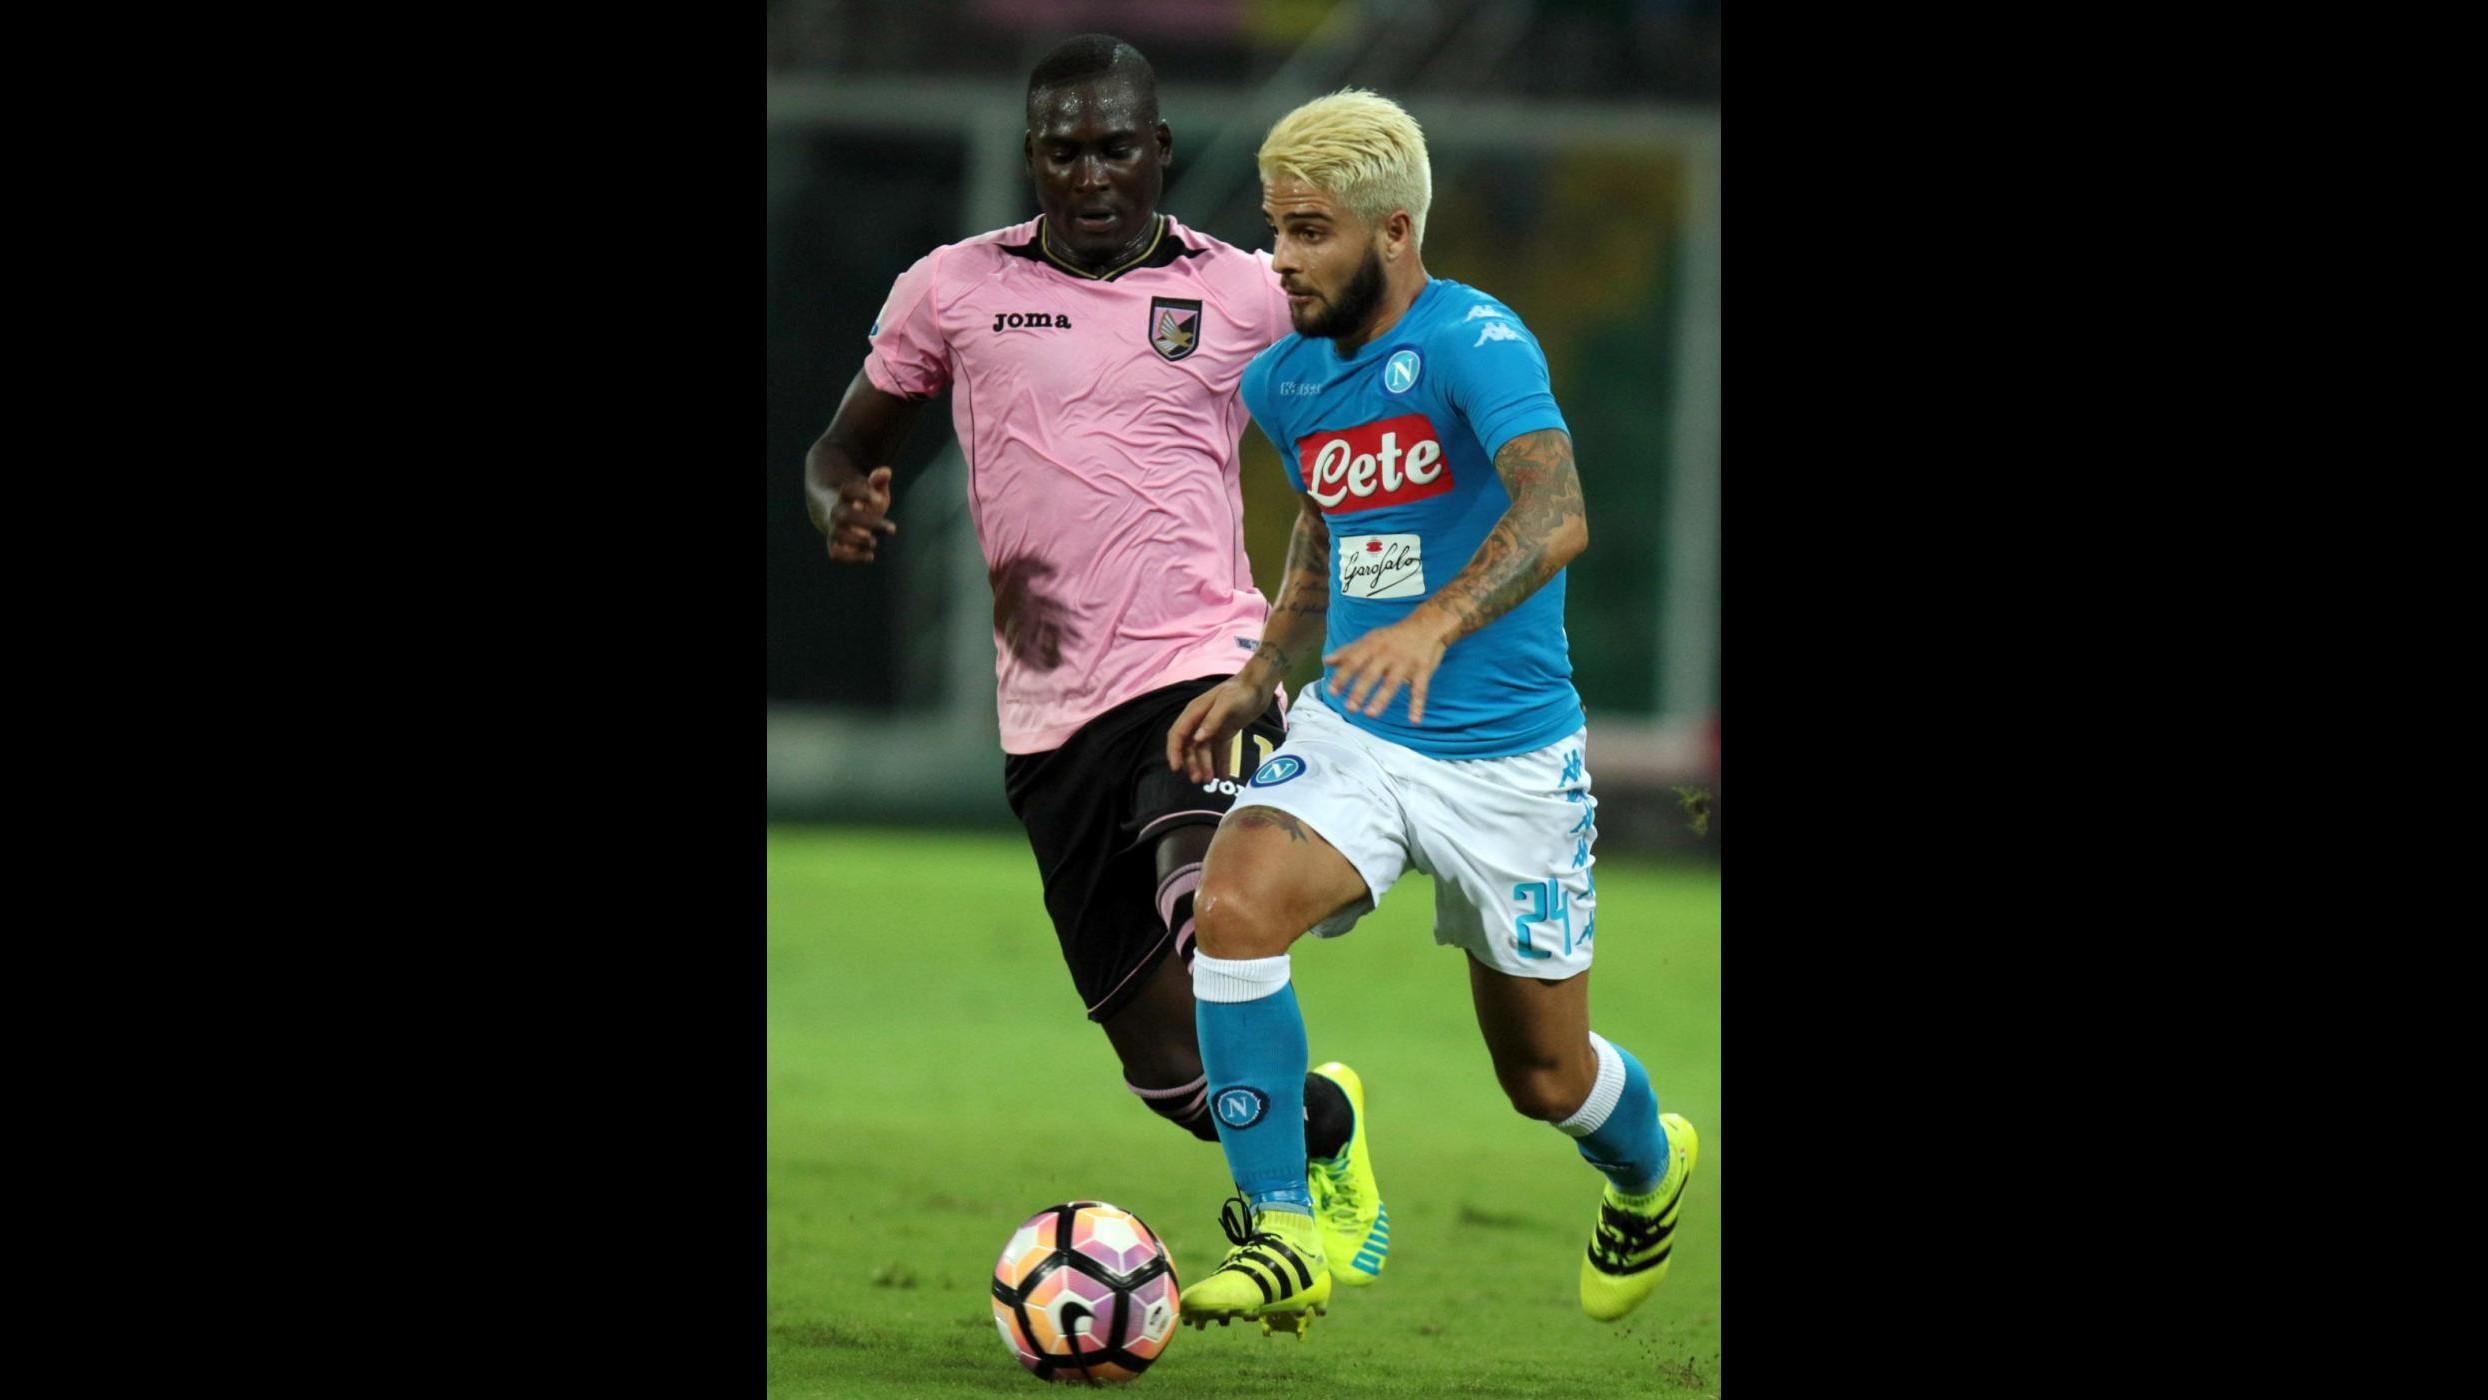 FOTO Nuovo look per Insigne: biondo platino come Messi